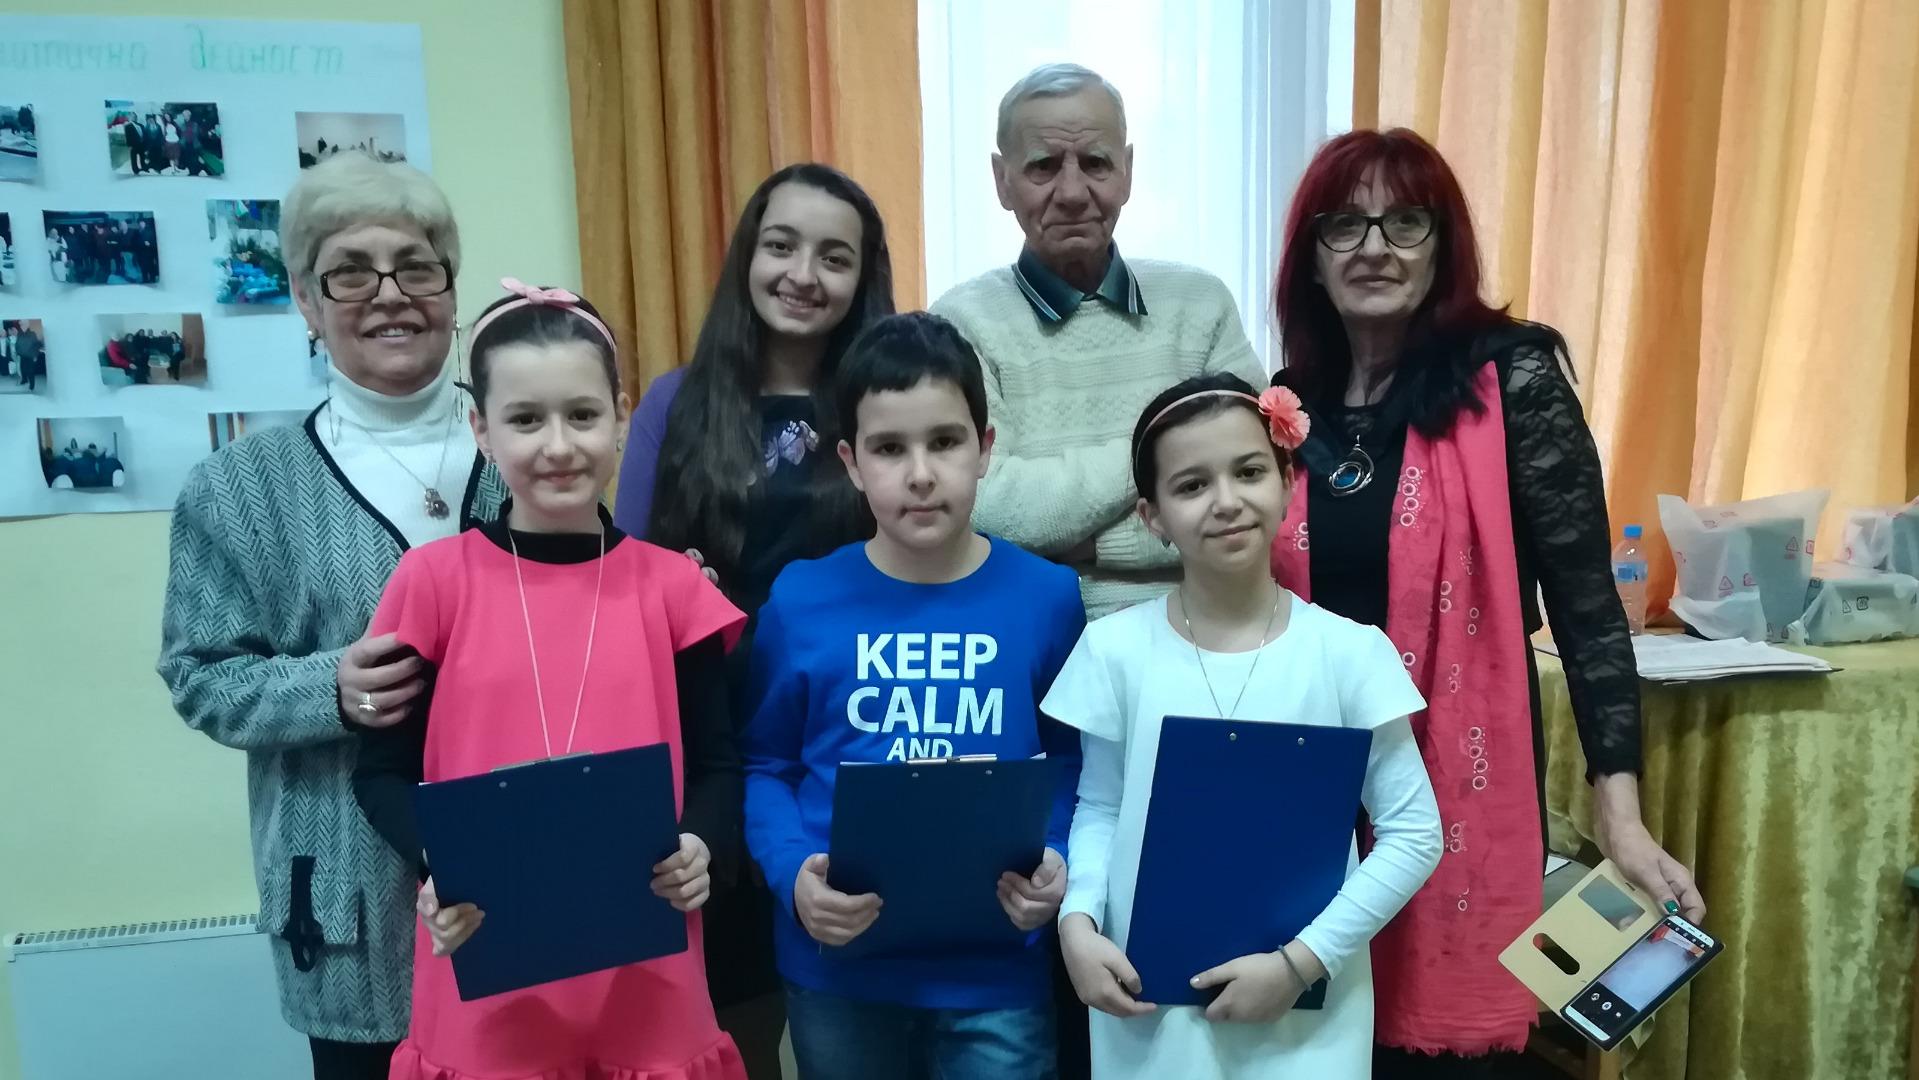 Поети от различни поколения отбелязаха Световния ден на поезията във Видин.